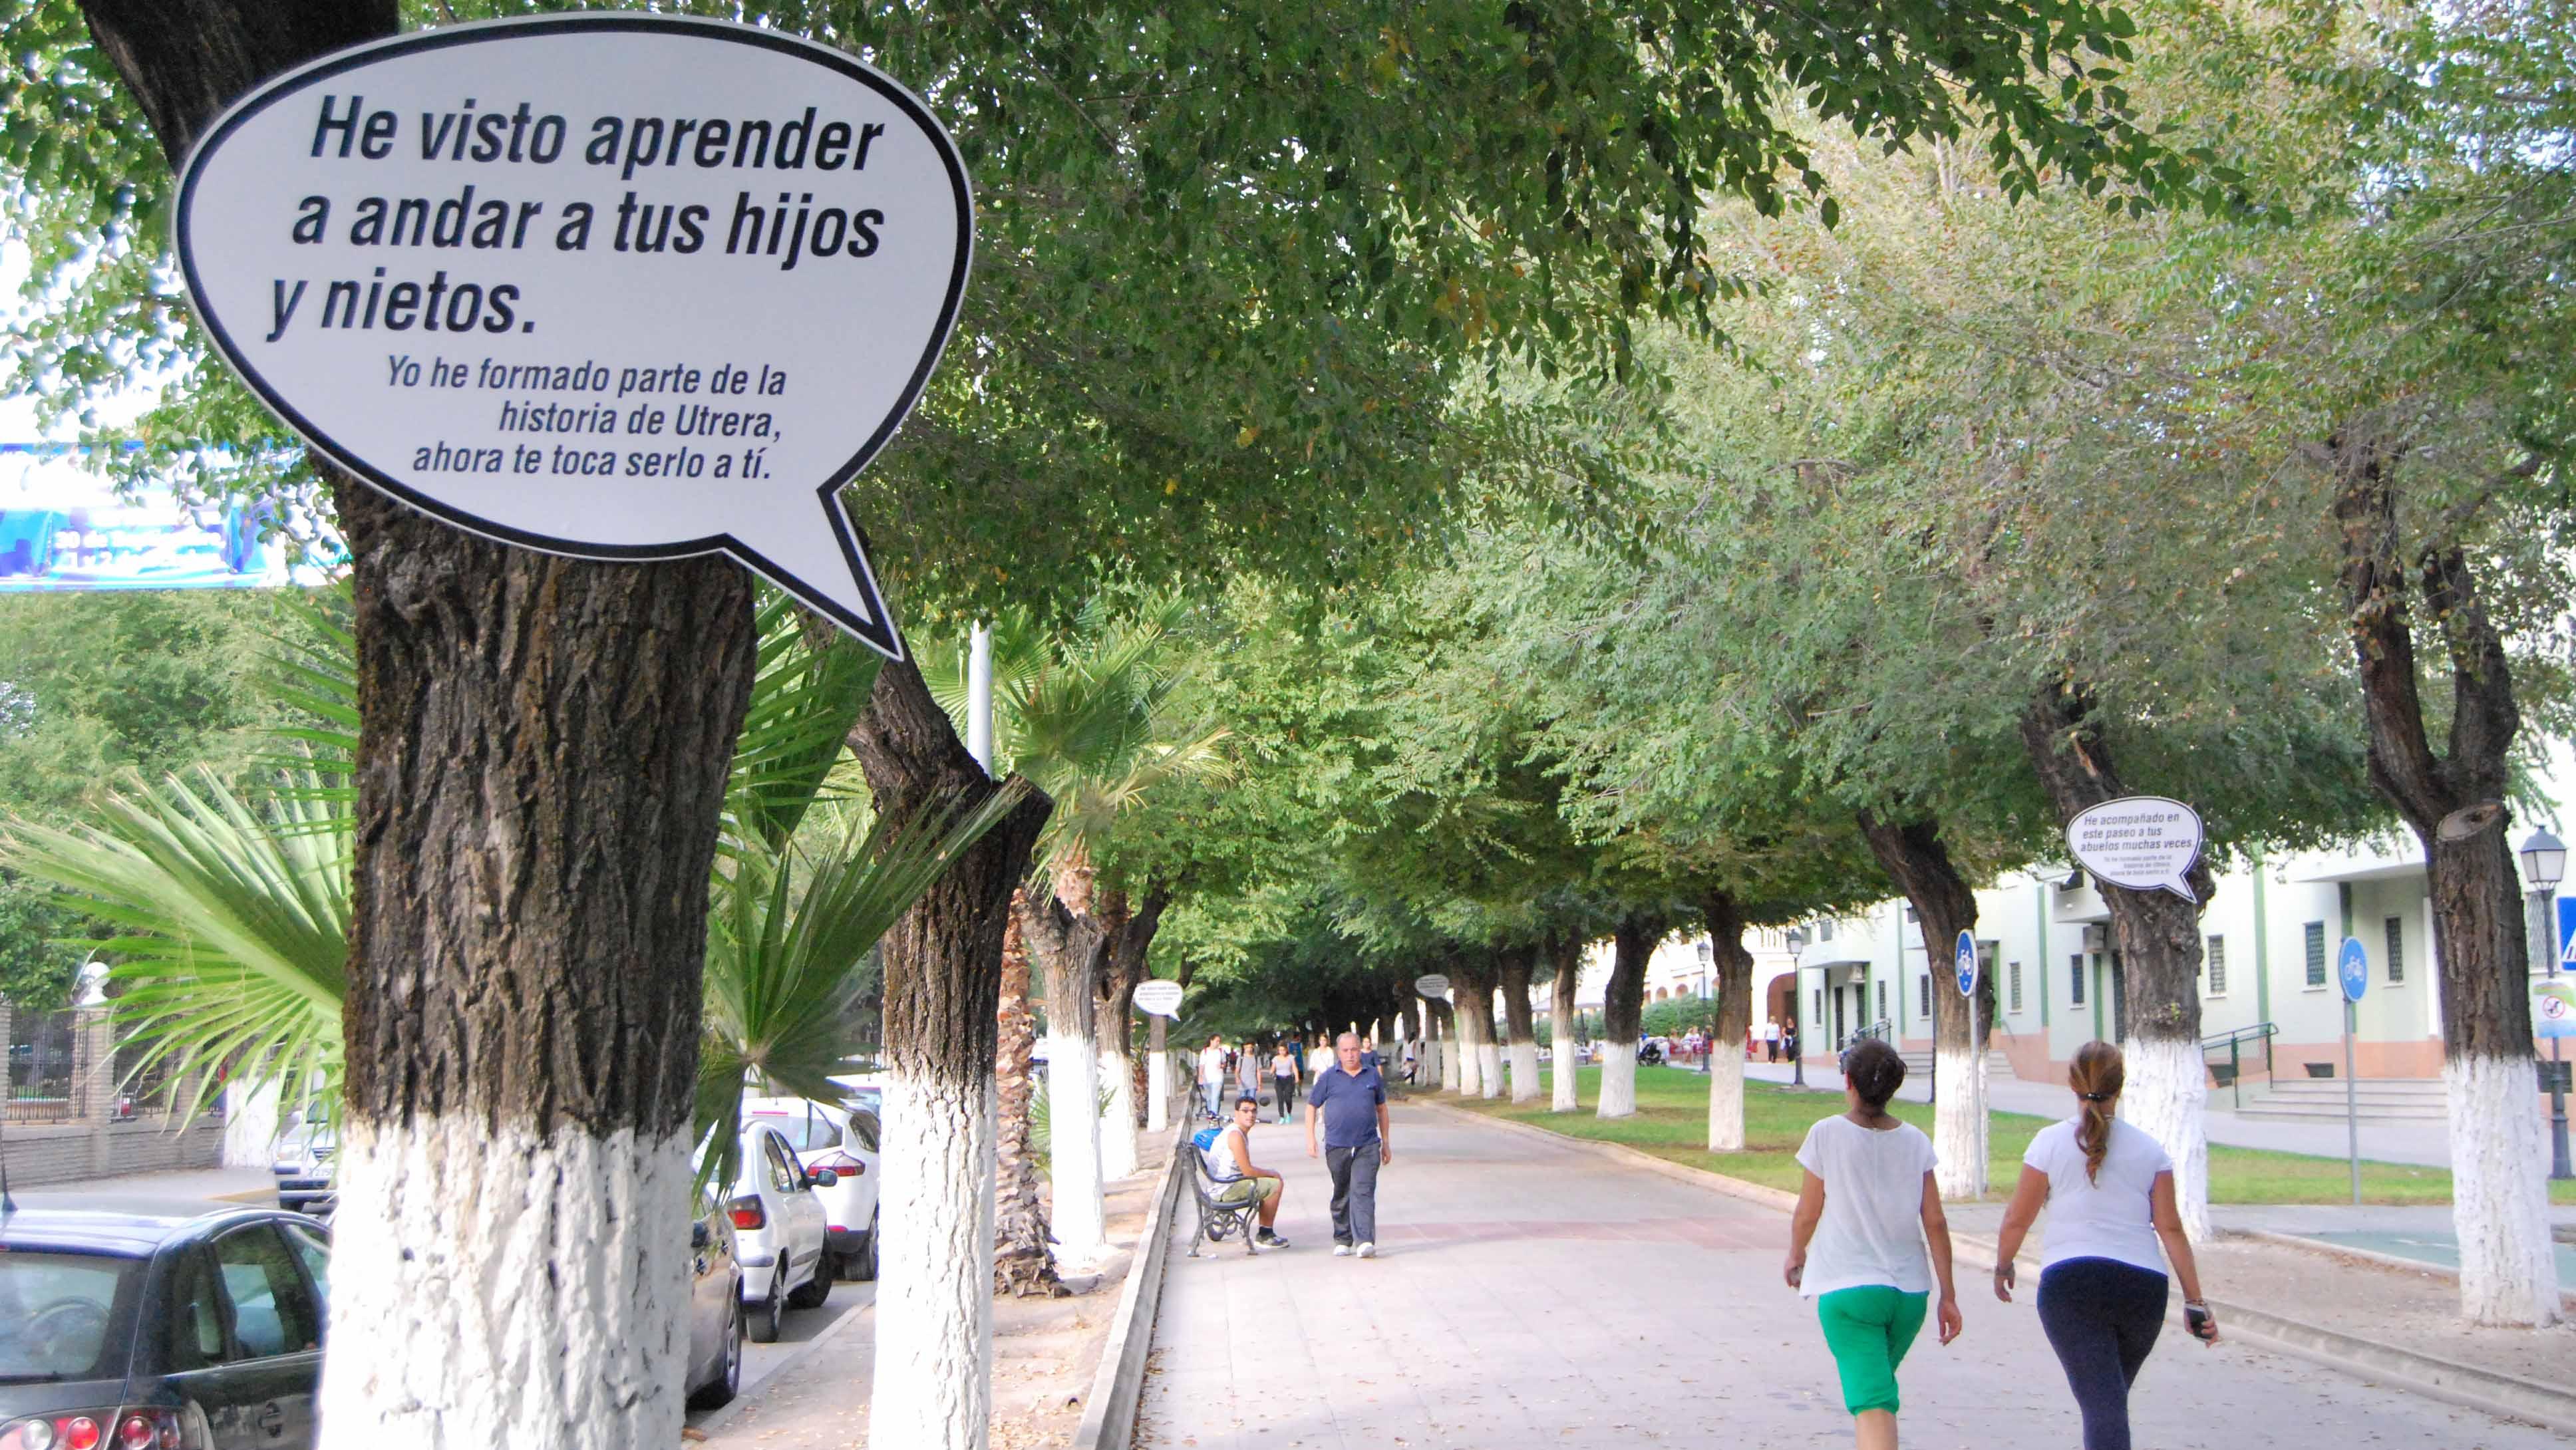 El paseo de Consolación es un lugar emblemático en Utrera